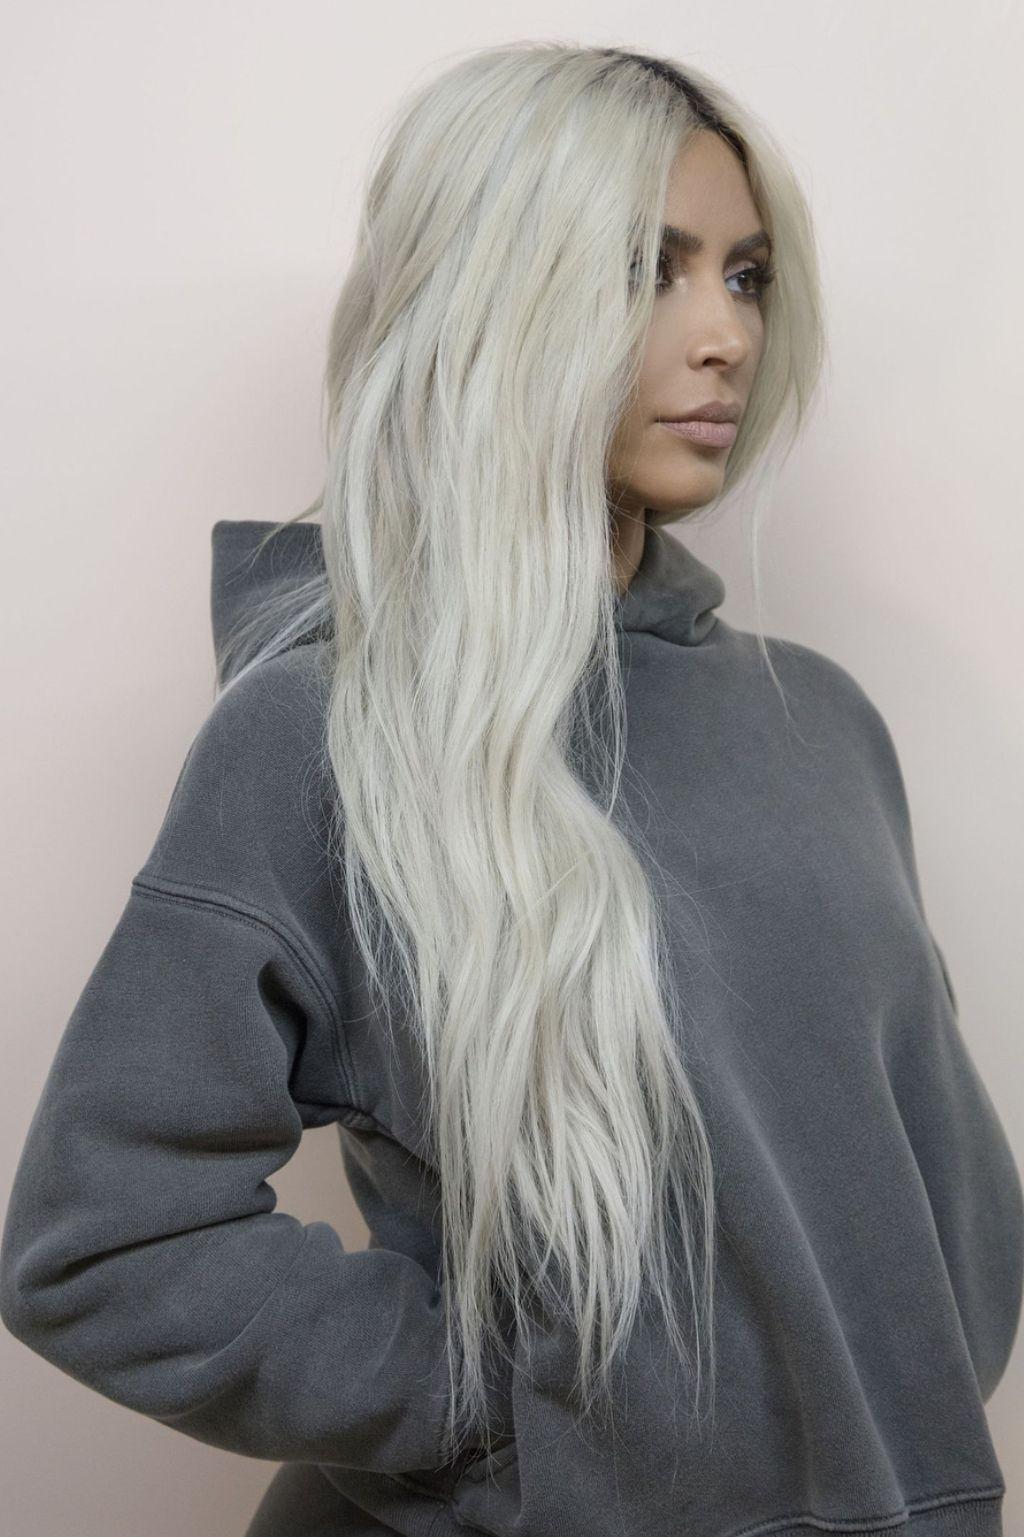 Kim Kardashian With Platinum Hair Kim Kardashian Hair Kim Kardashian Blonde Kardashian Hair